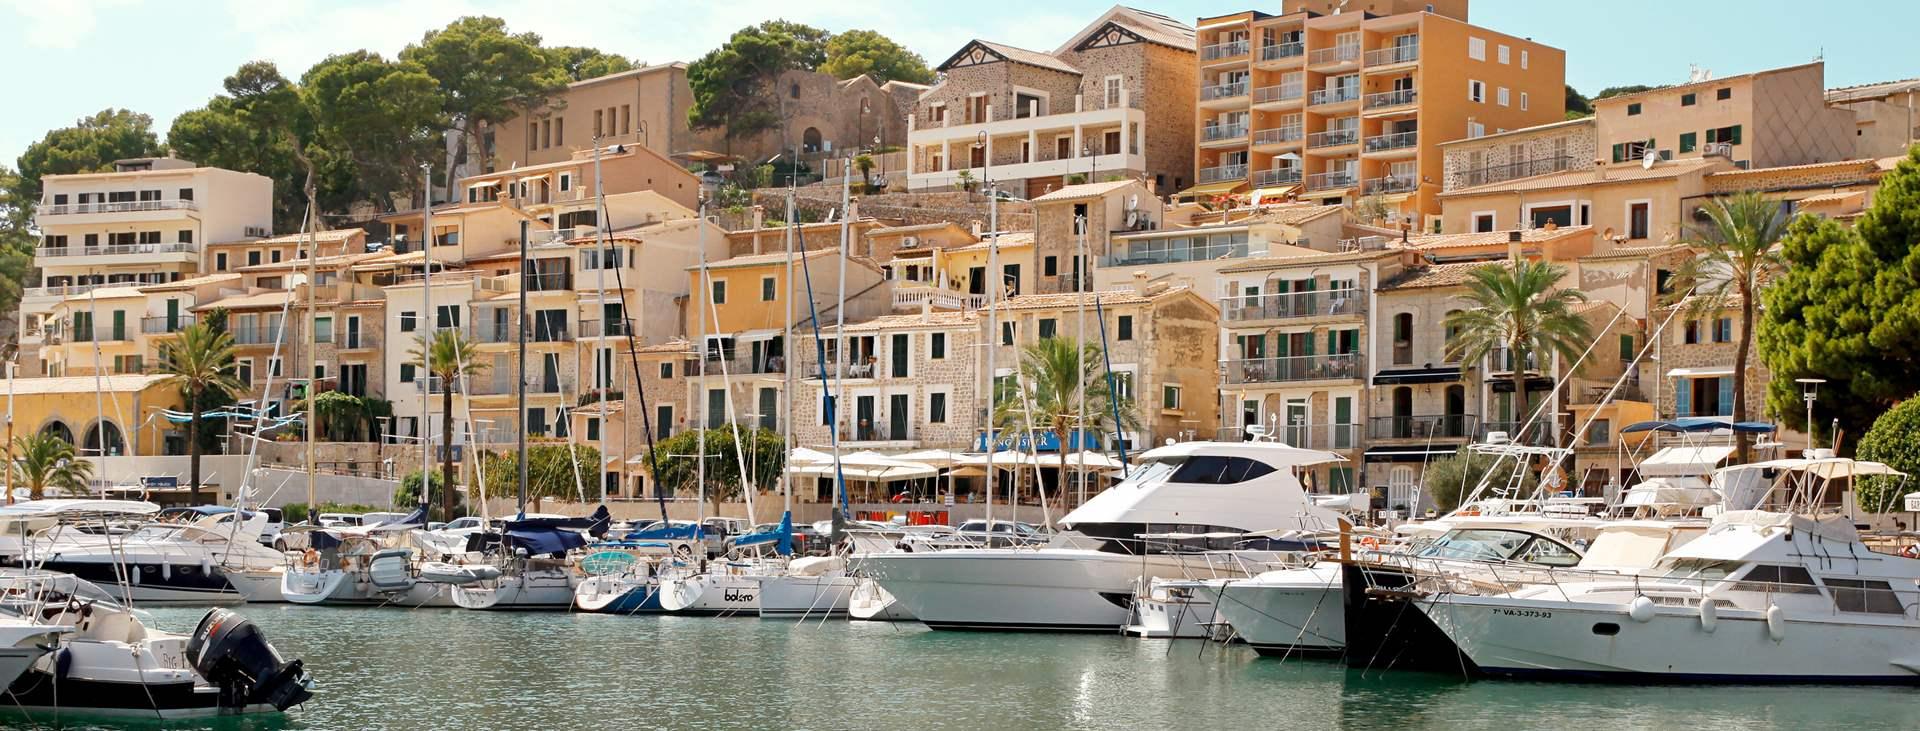 Bestill en reise med Ving til Puerto de Sóller på Mallorca